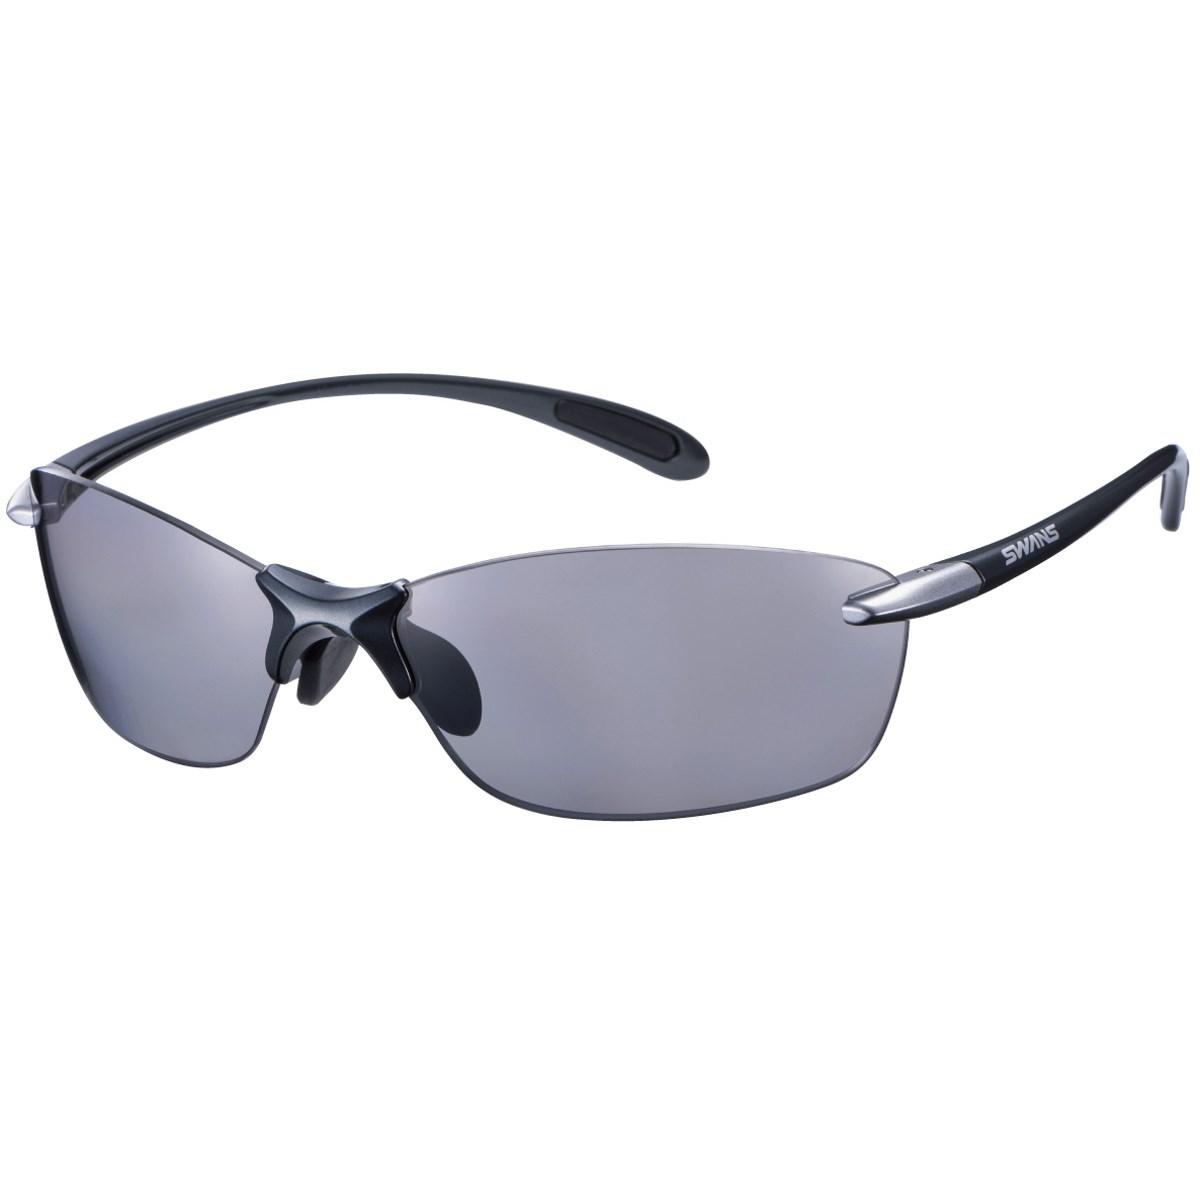 SWANS スワンズ 偏光レンズ スポーツサングラス